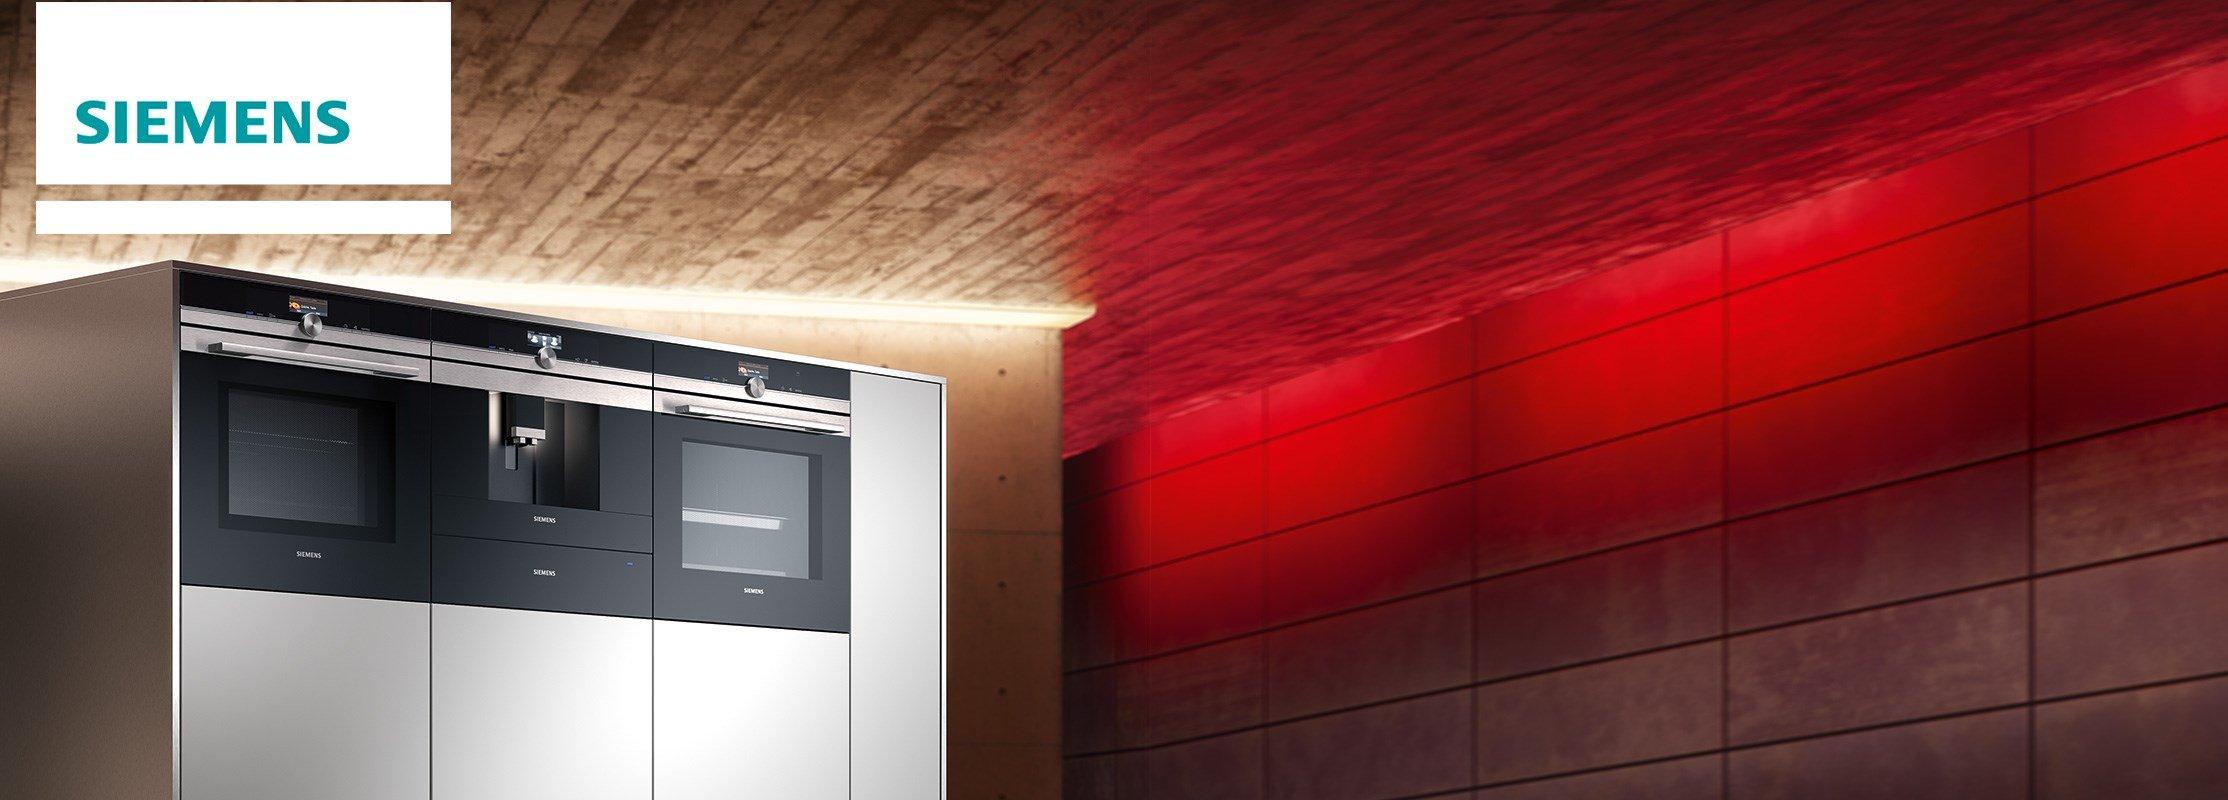 Siemens   vitvaror och köksmaskiner